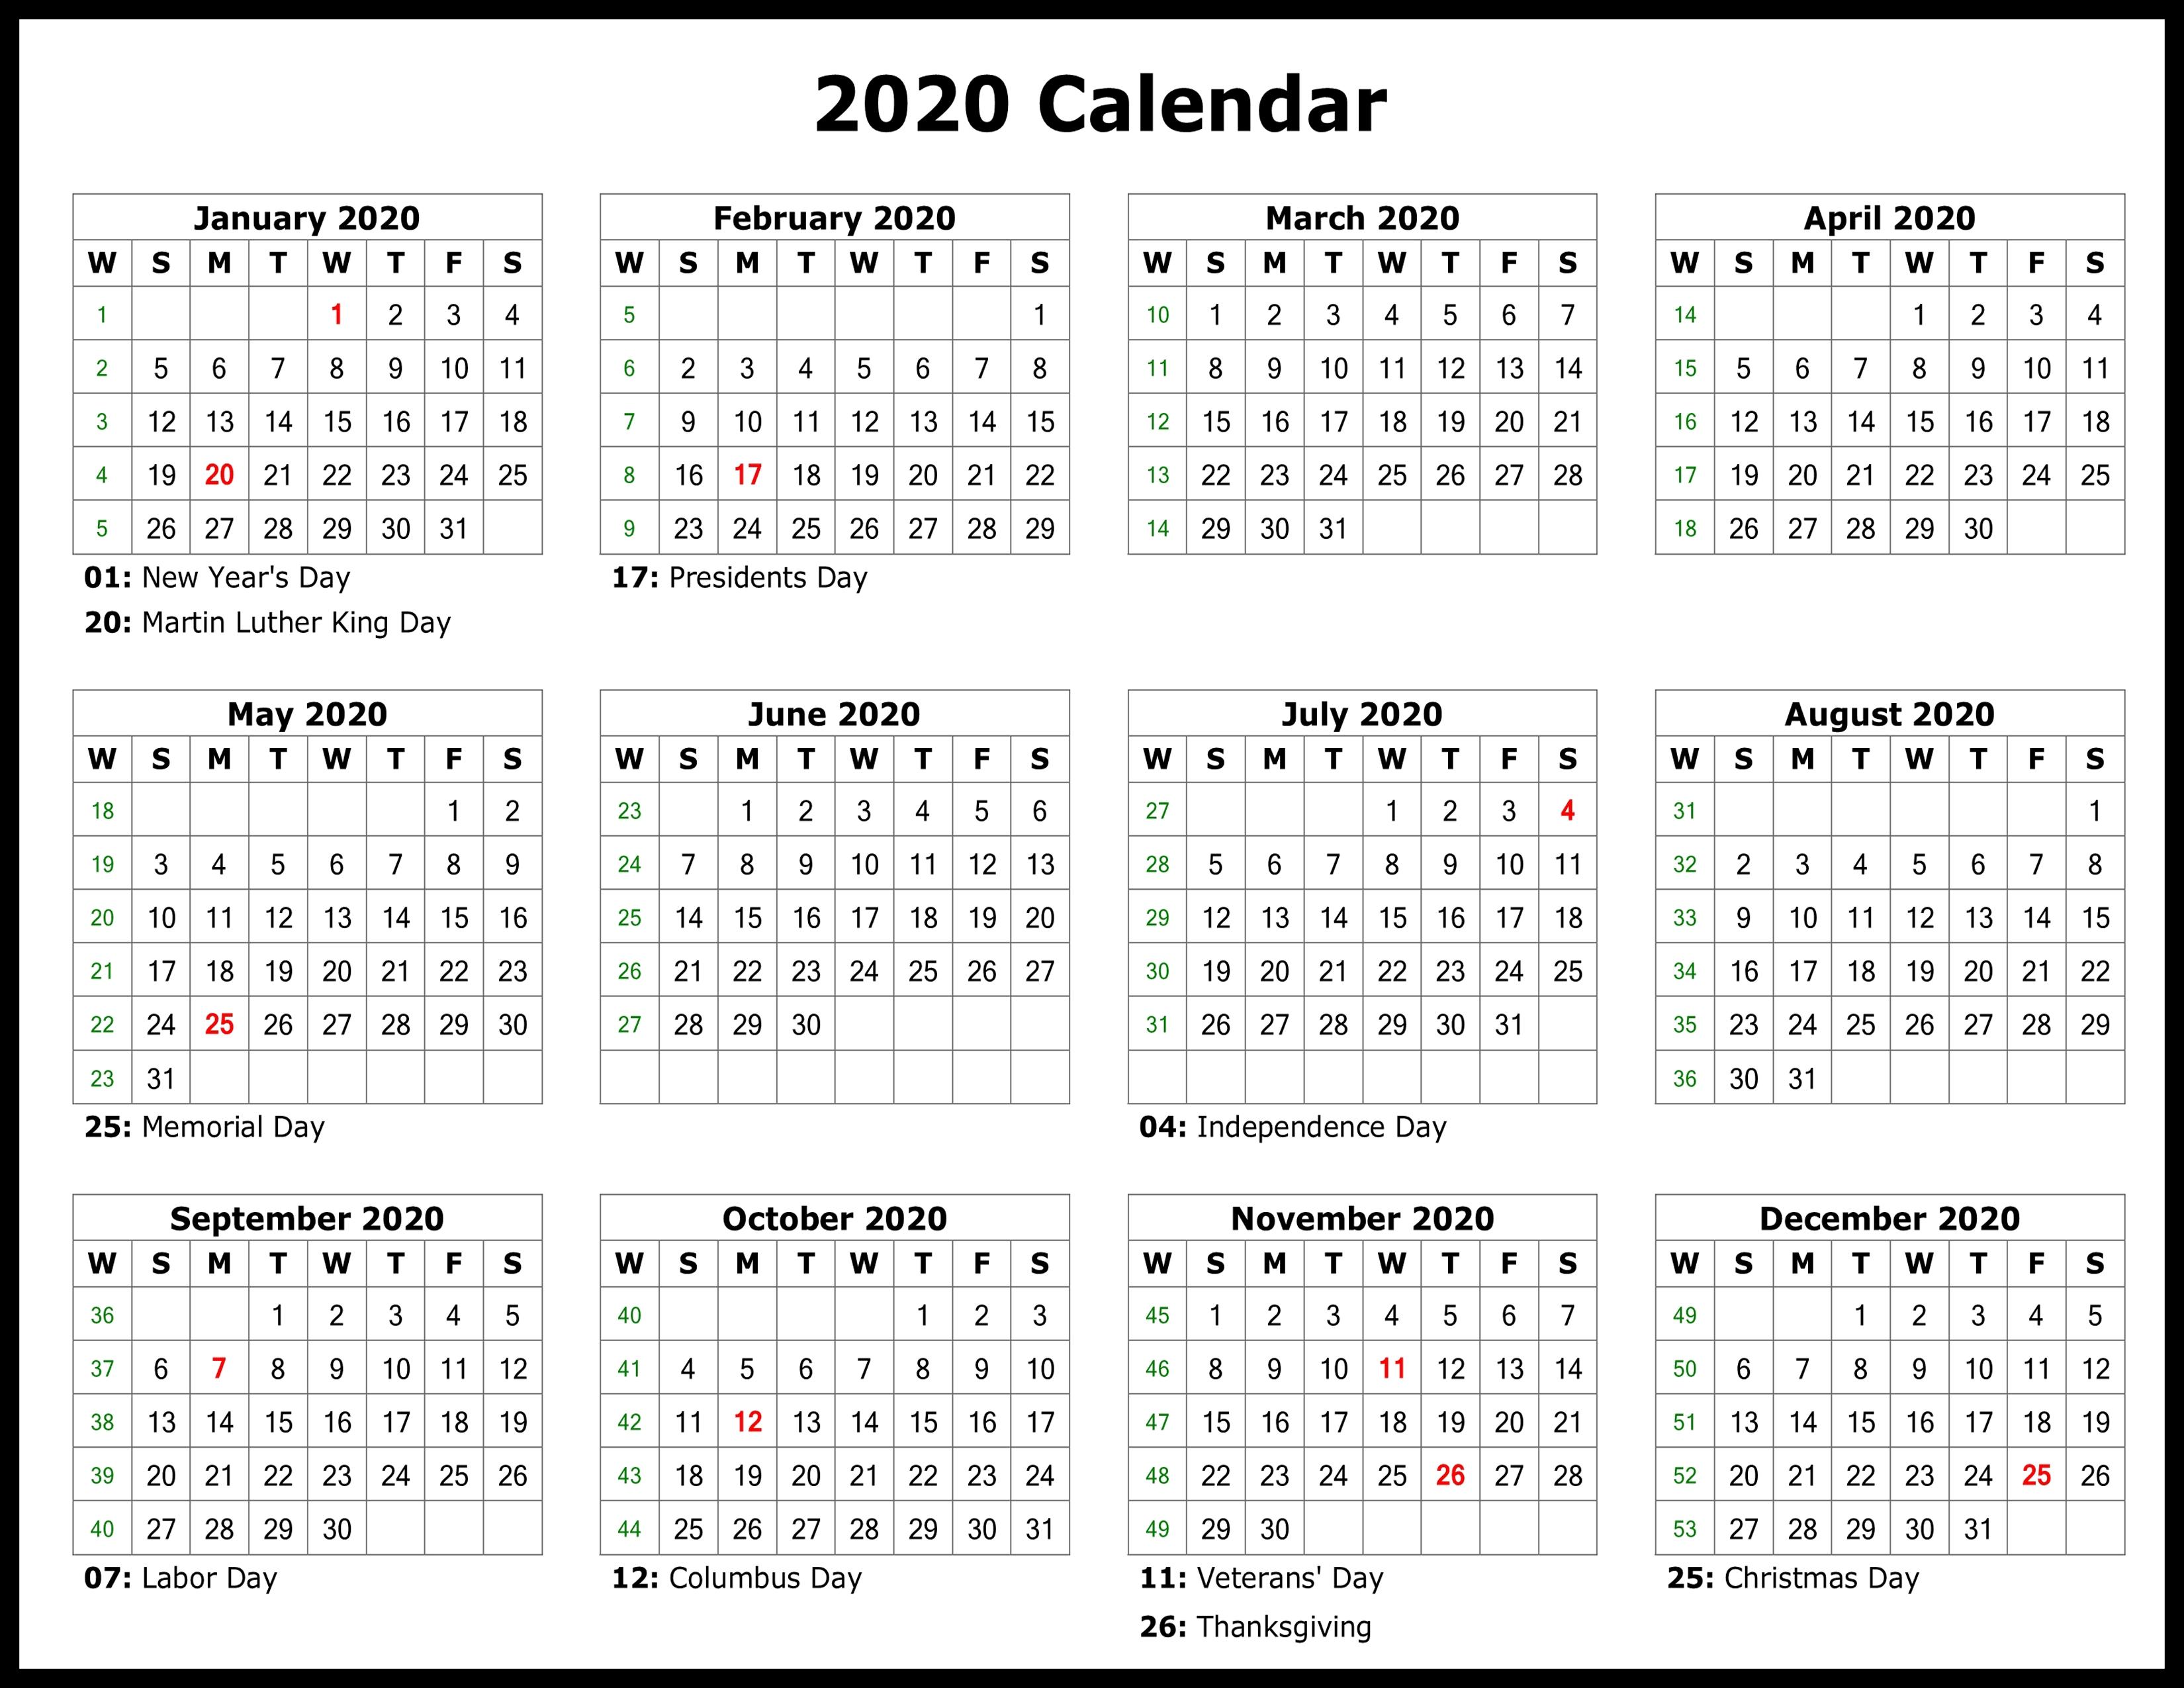 Free Printable Calendar 2020 Template In Pdf, Word, Excel